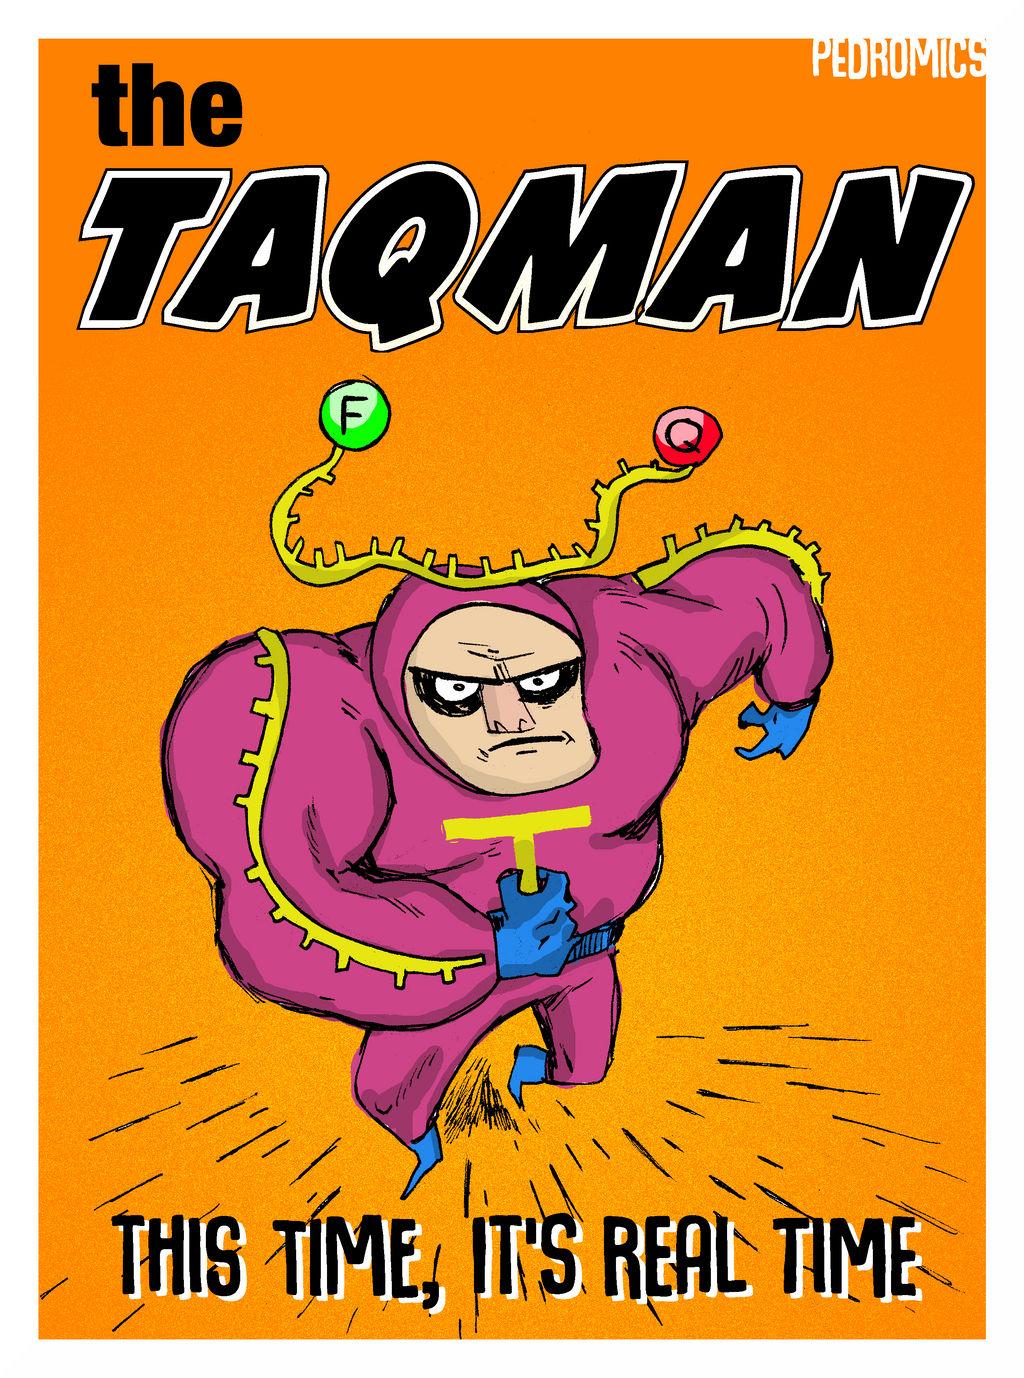 Taqman